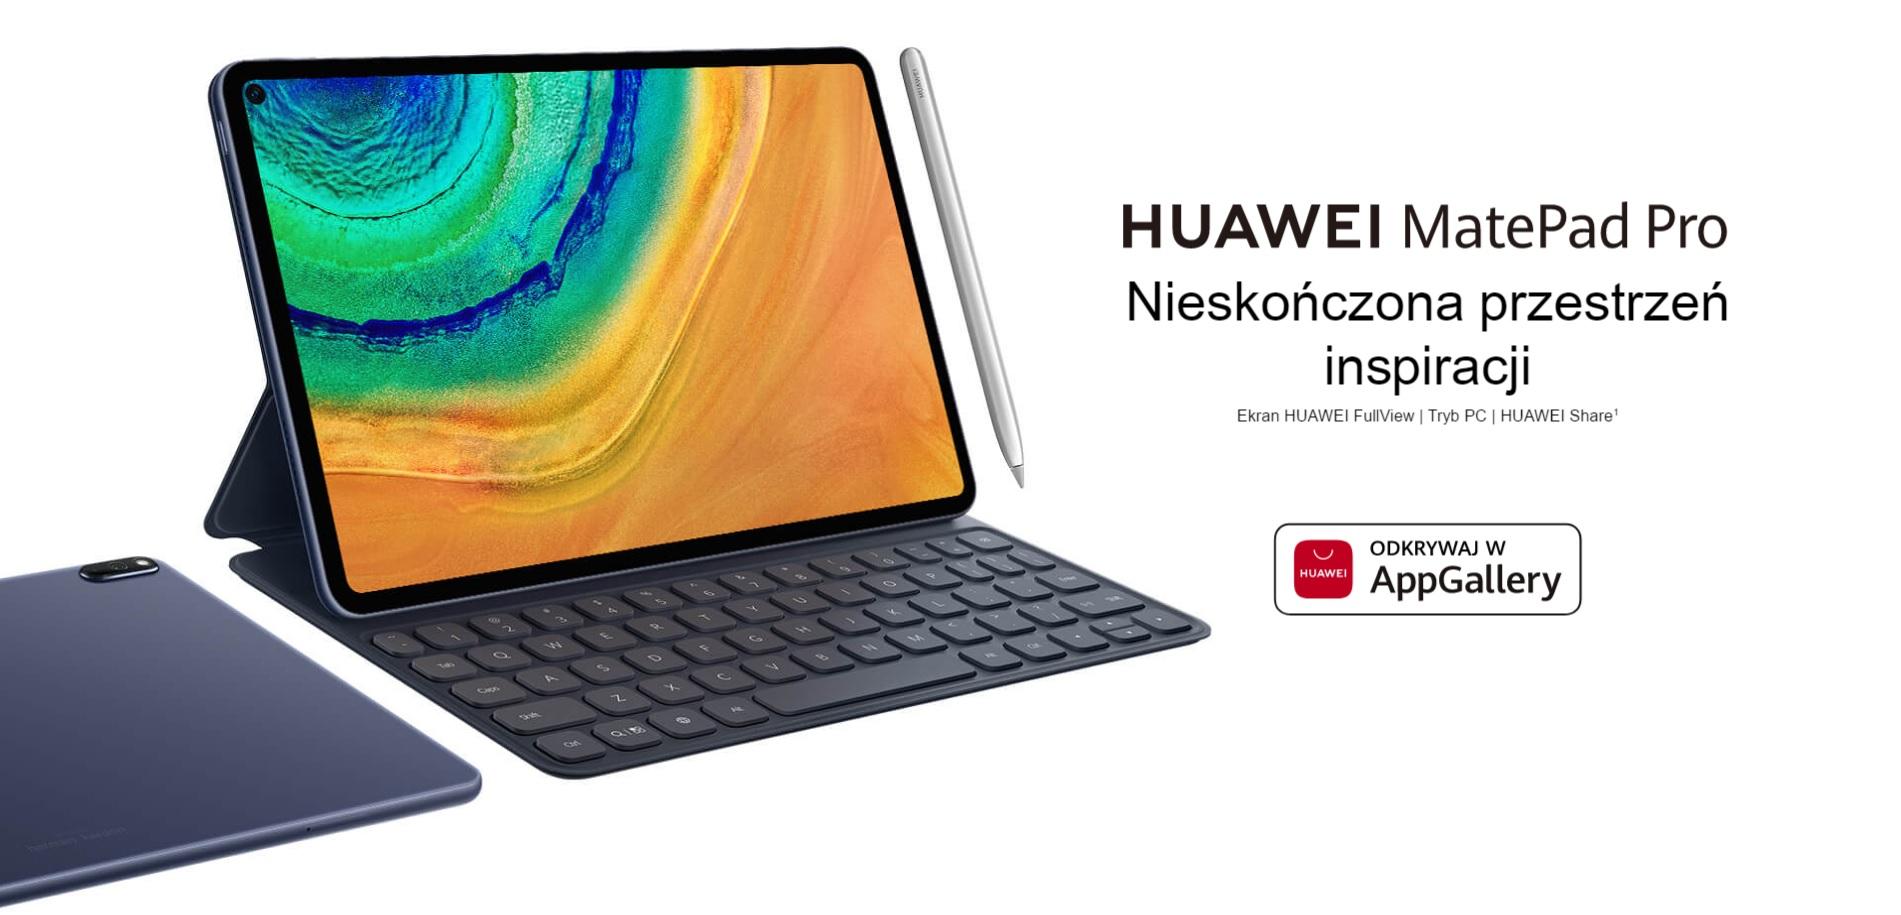 Huawei MatePad Pro tablet